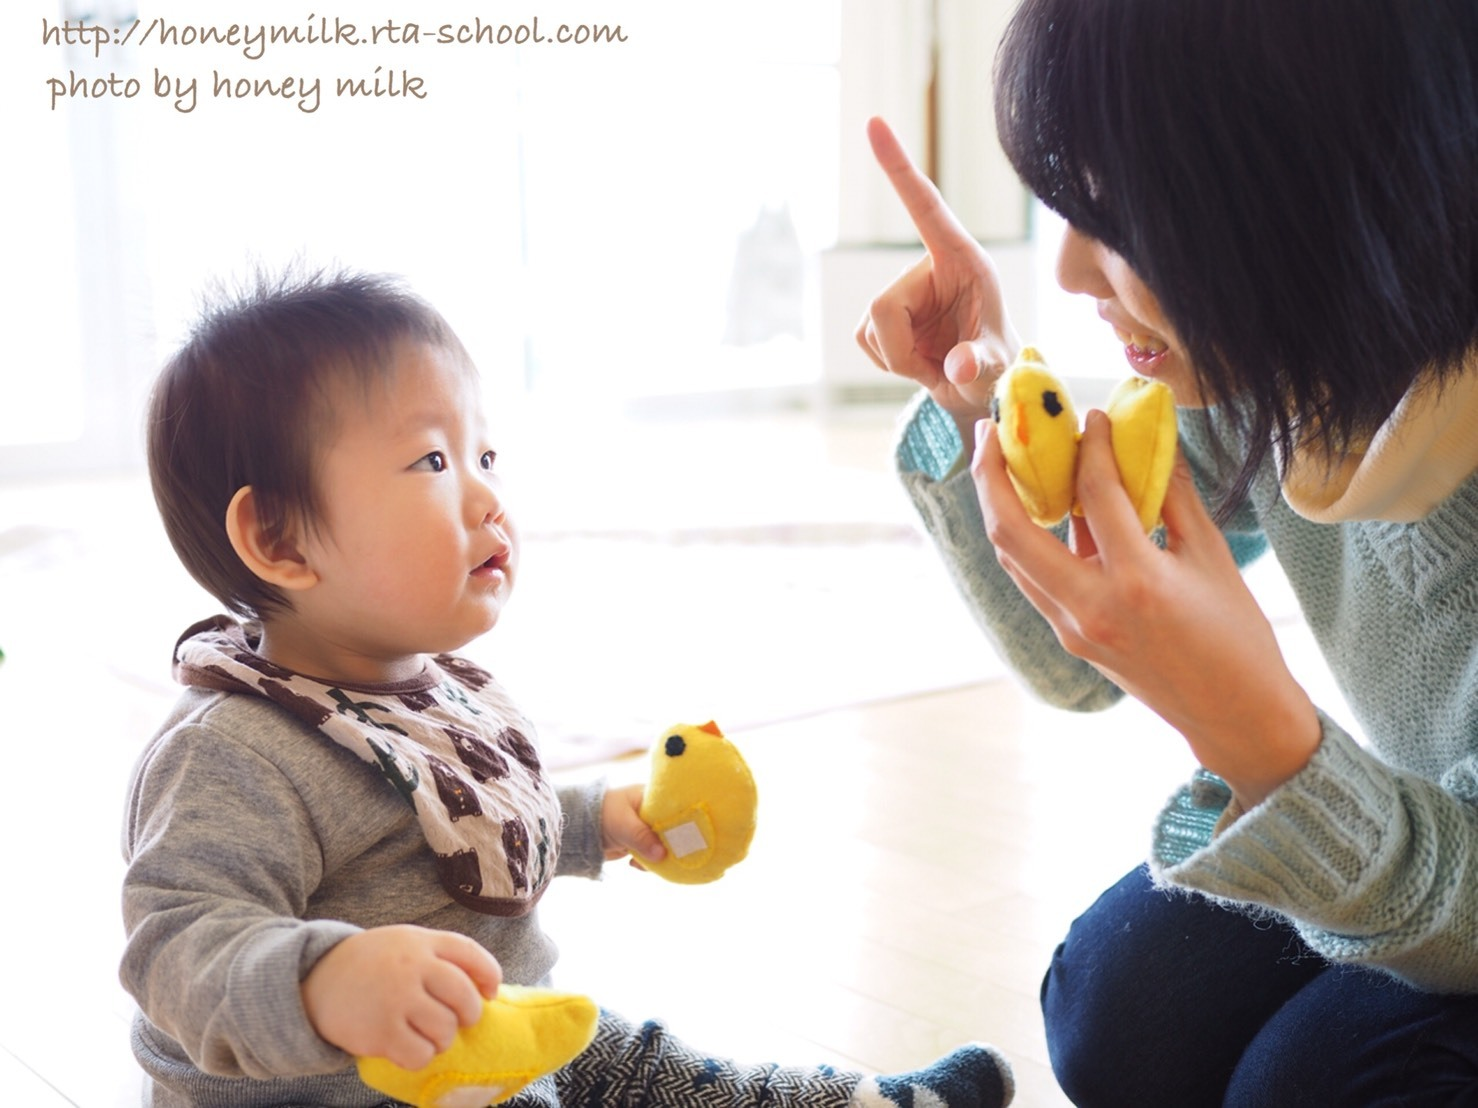 赤ちゃんとママのファーストサイン♪_e0120789_13342851.jpg